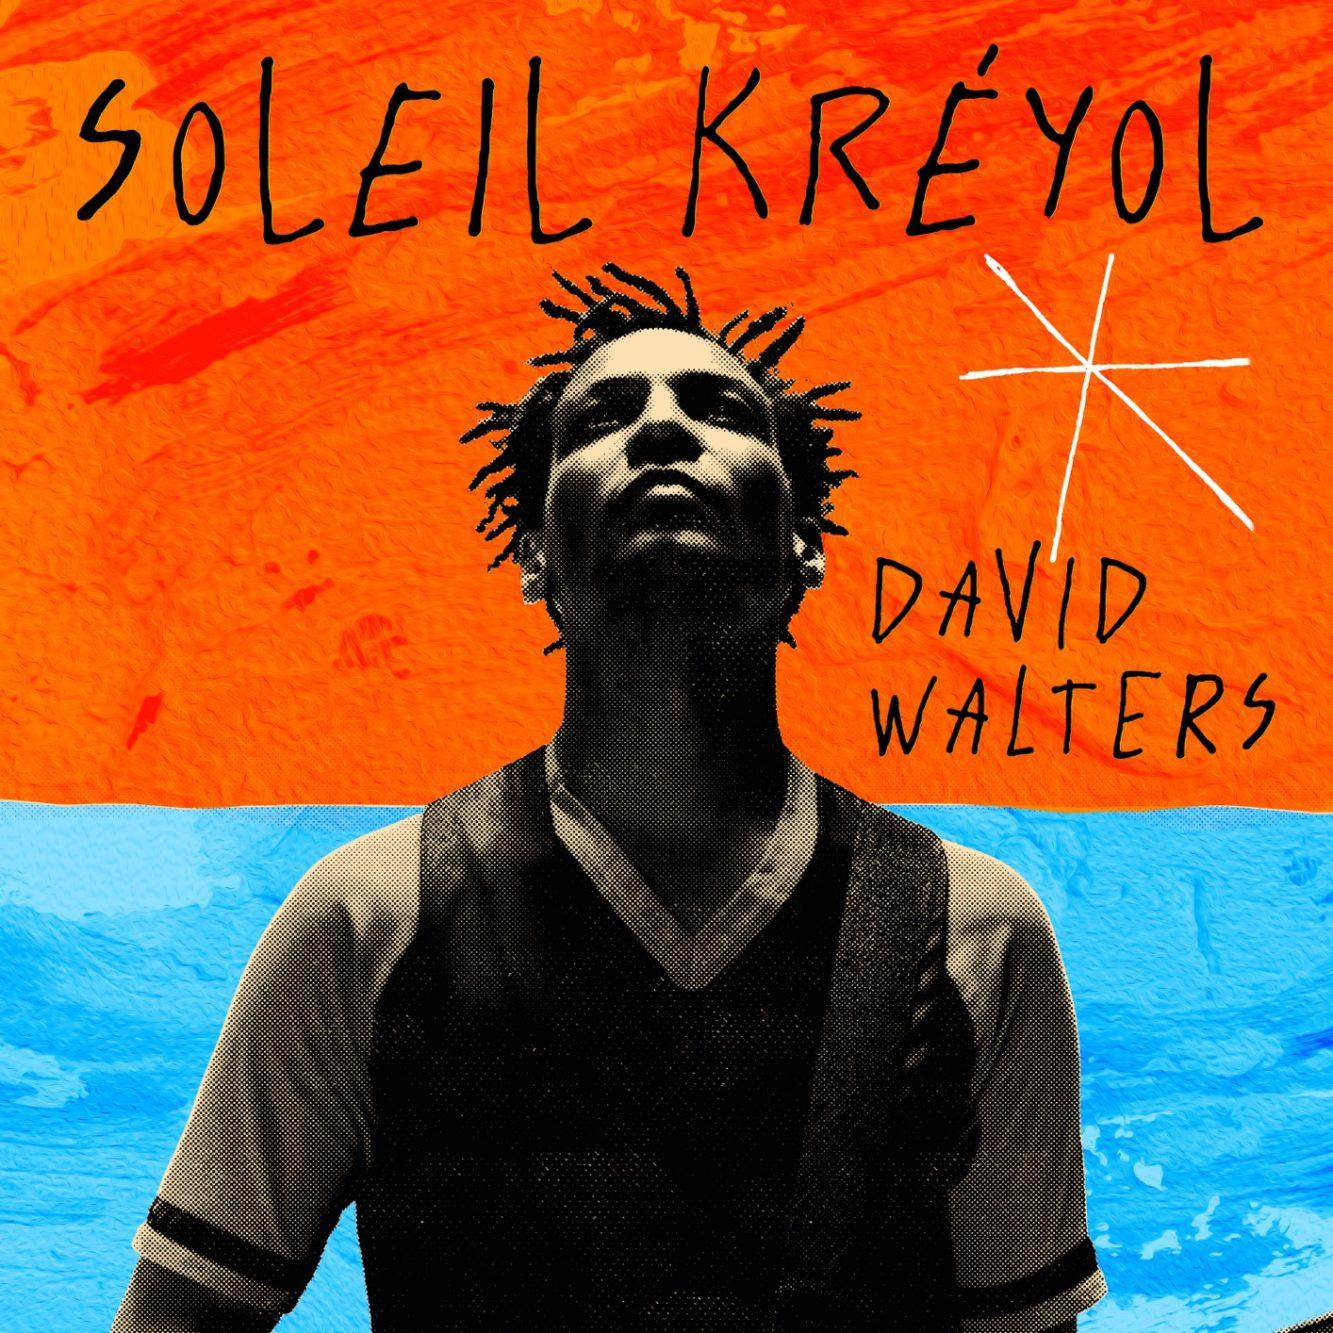 """Hörenswert: David Walters – """"Soleil Kréyol"""""""